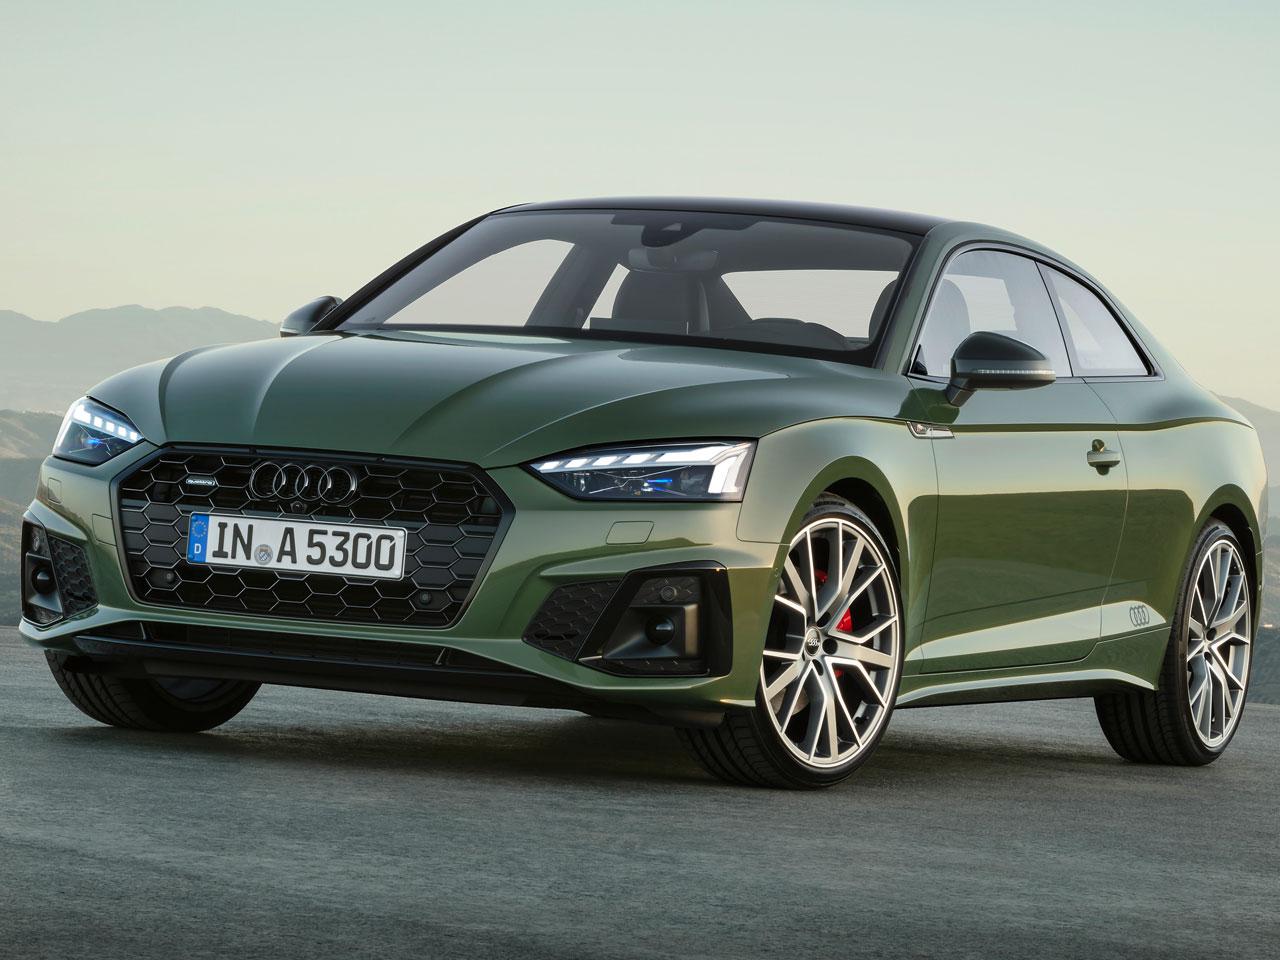 アウディ A5 2017年モデル 新車画像